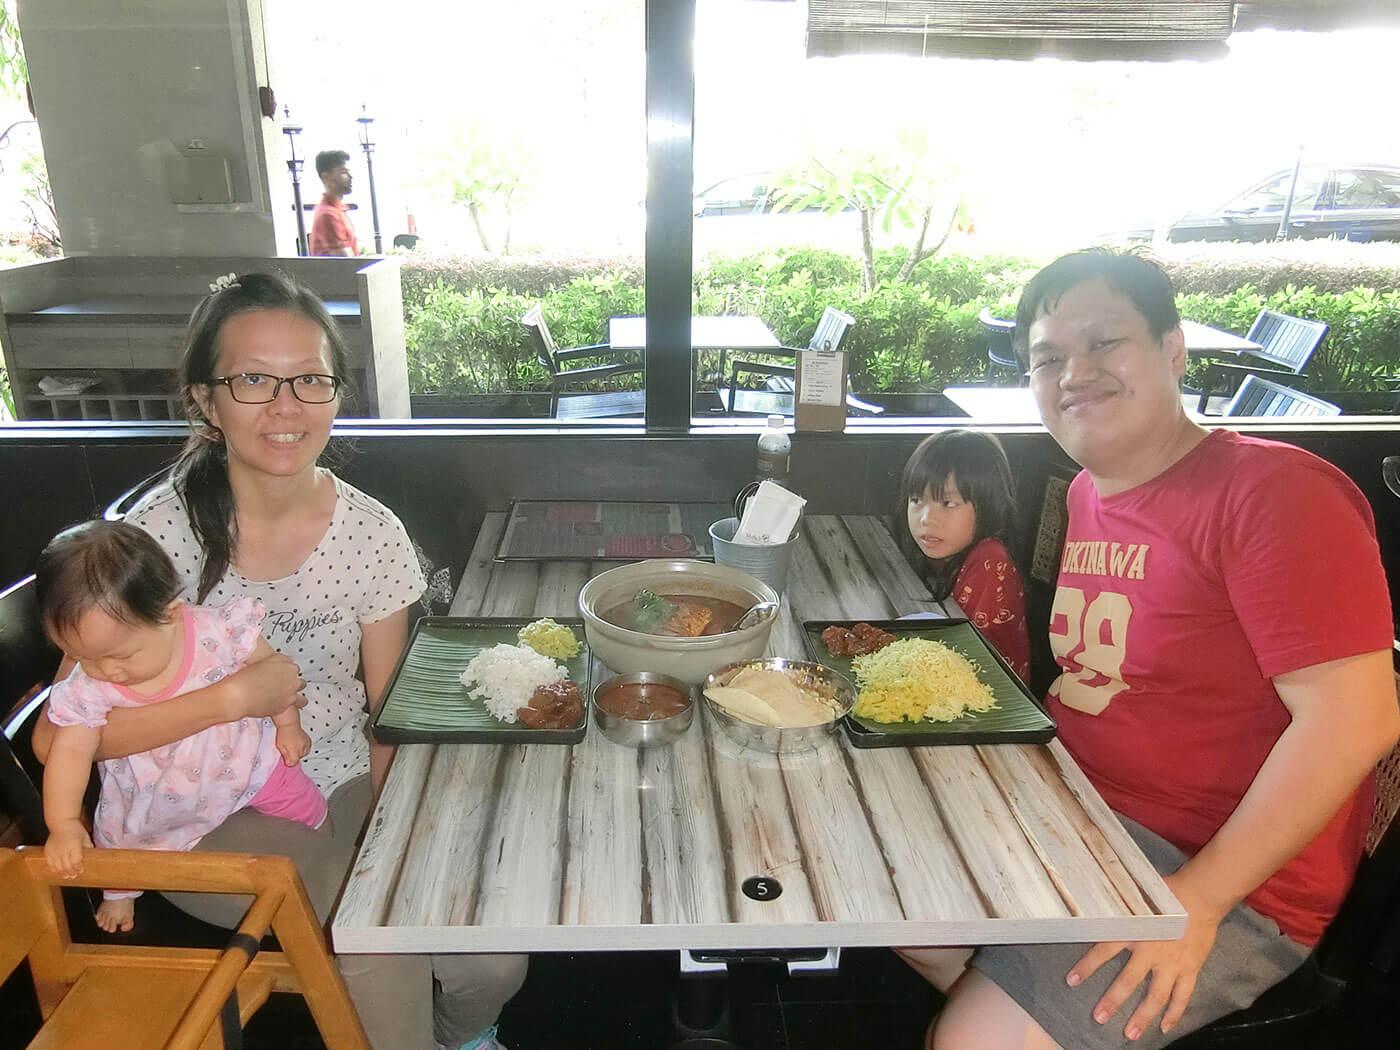 family dine in